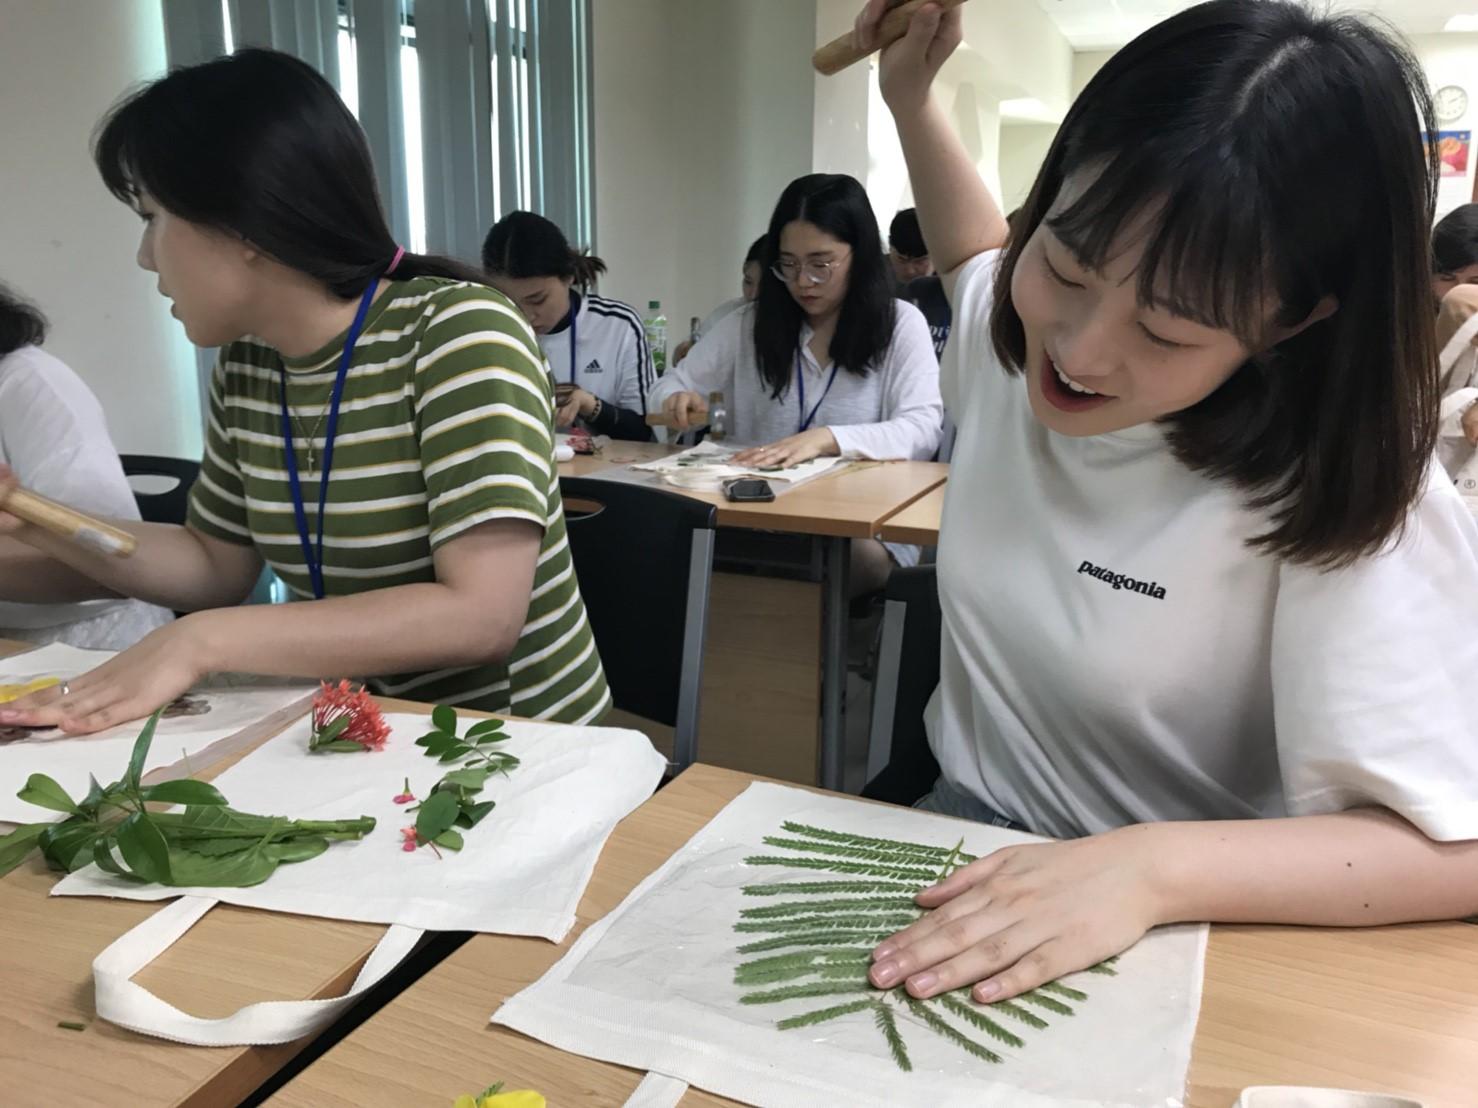 2018-07-17 文化課程 Hammered Leaf and Flower Prints